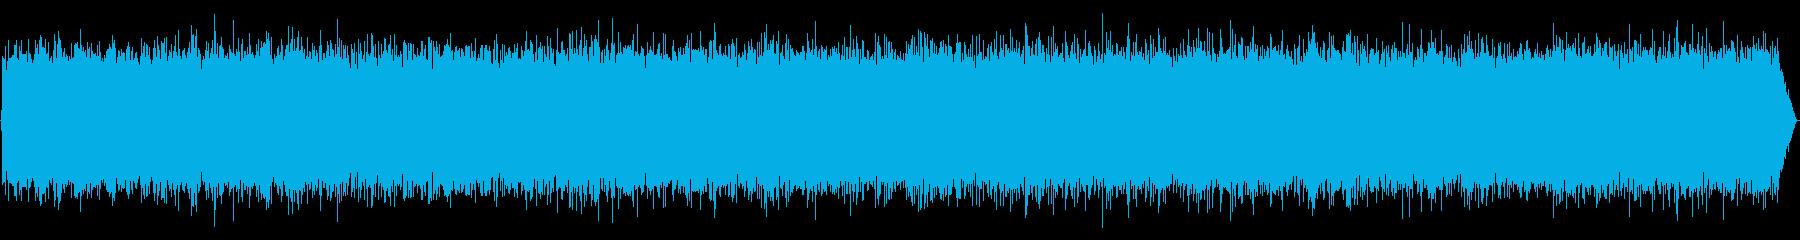 雨の音01の再生済みの波形